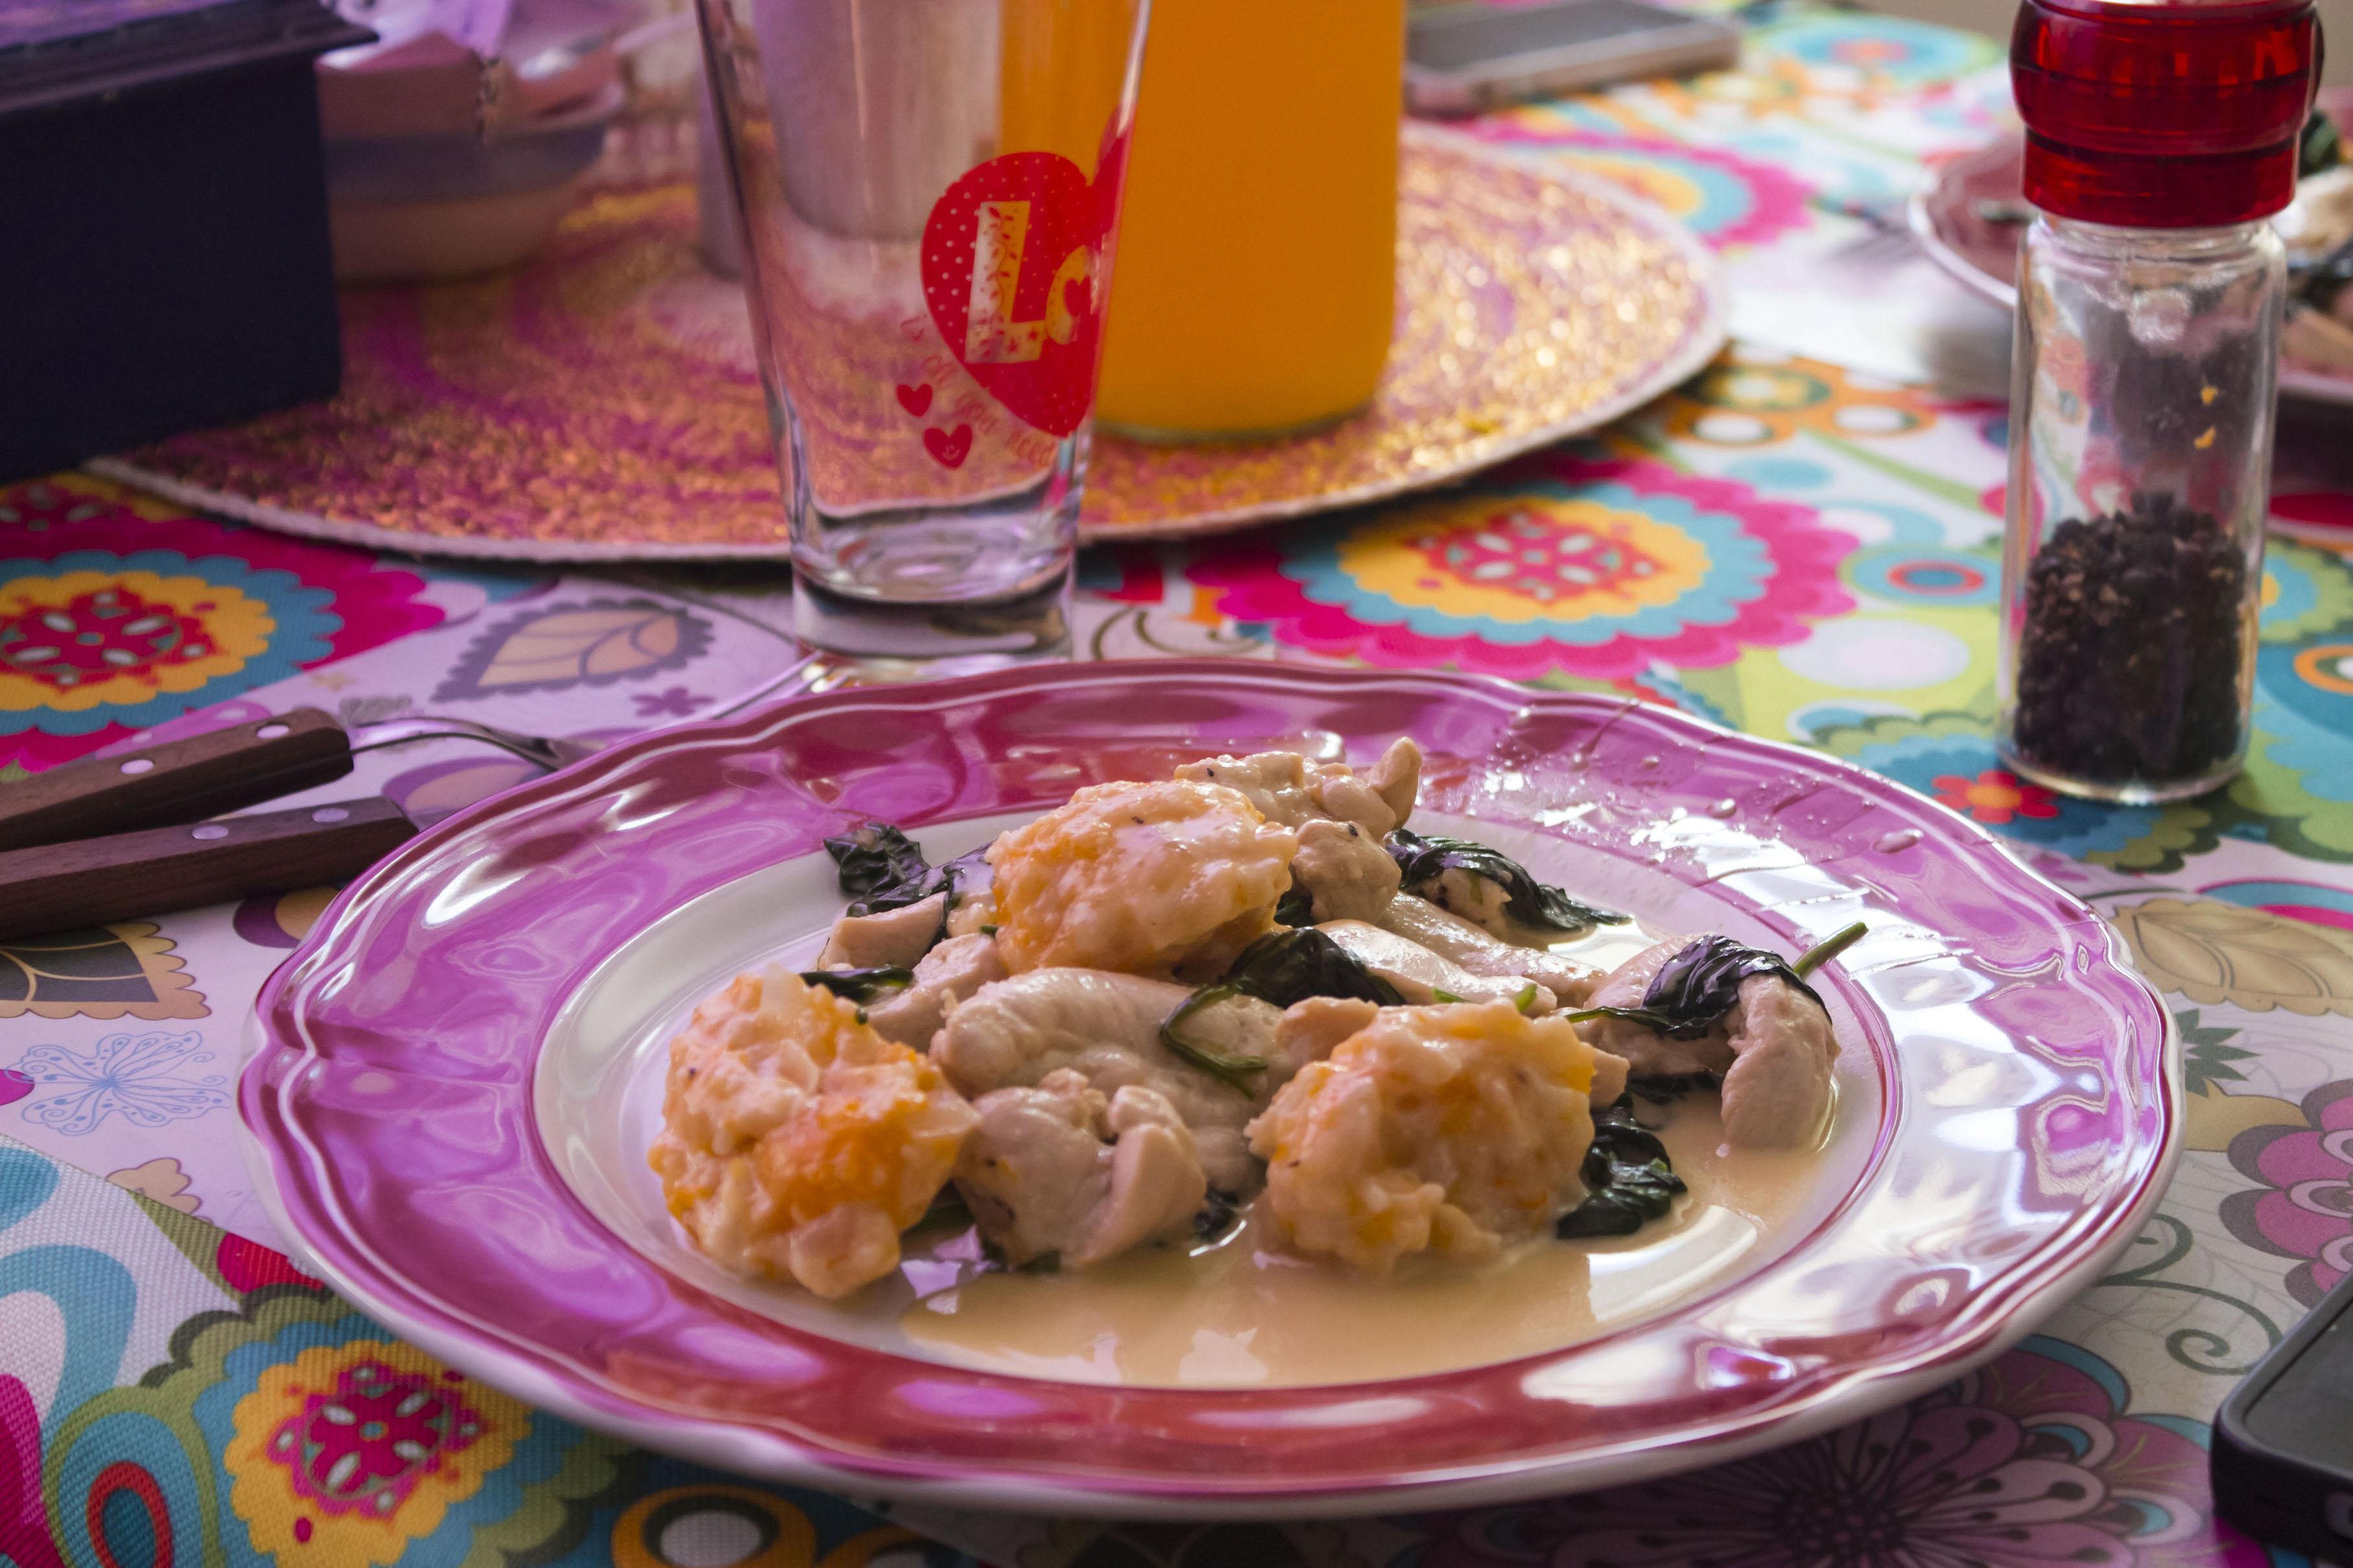 La mesa está servida. Comida, bebida, pimienta y buena compañía.